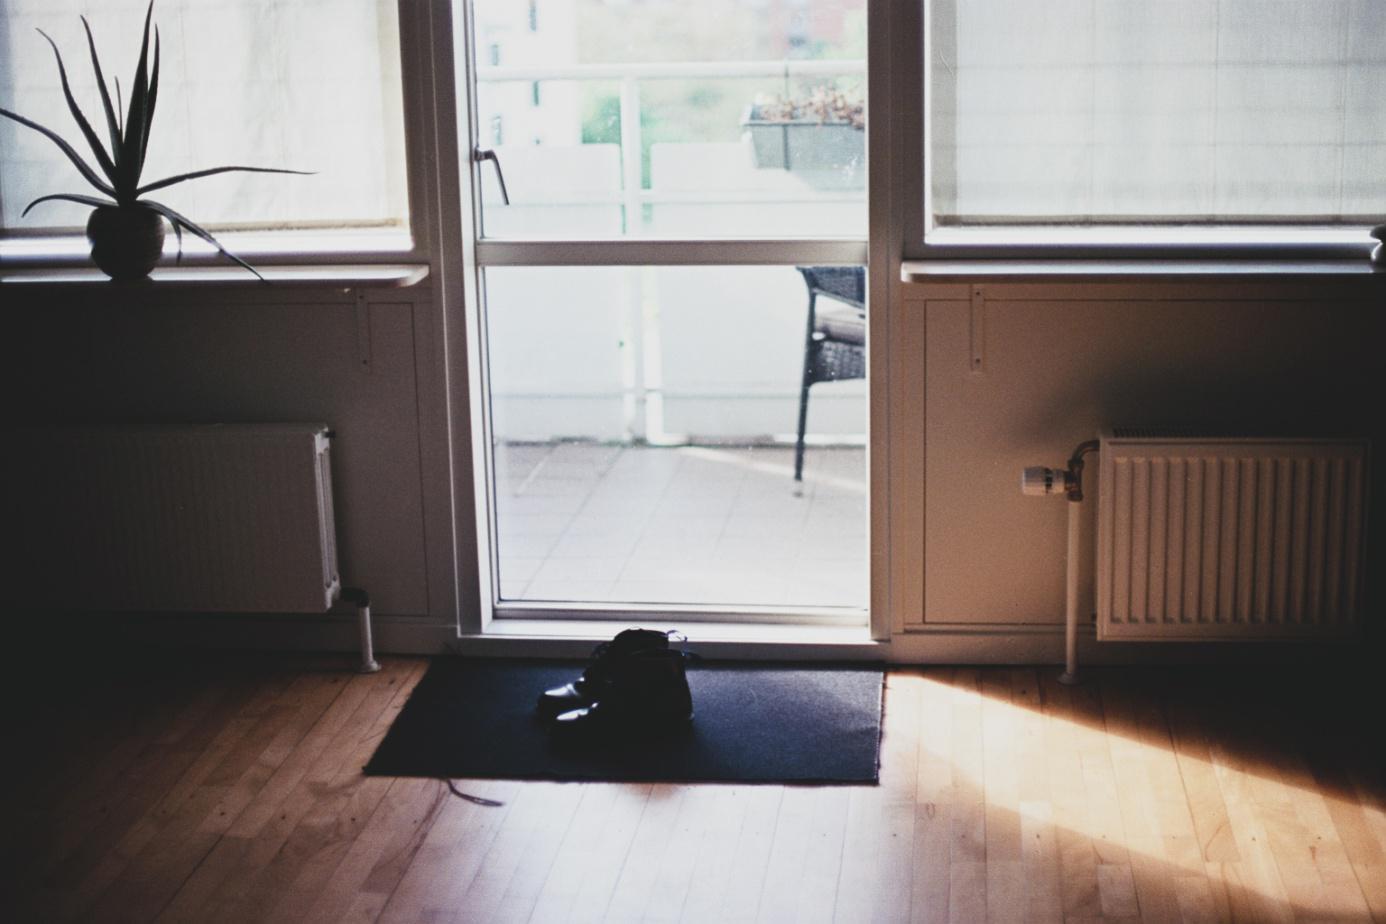 Comment chauffer sa maison efficacement?